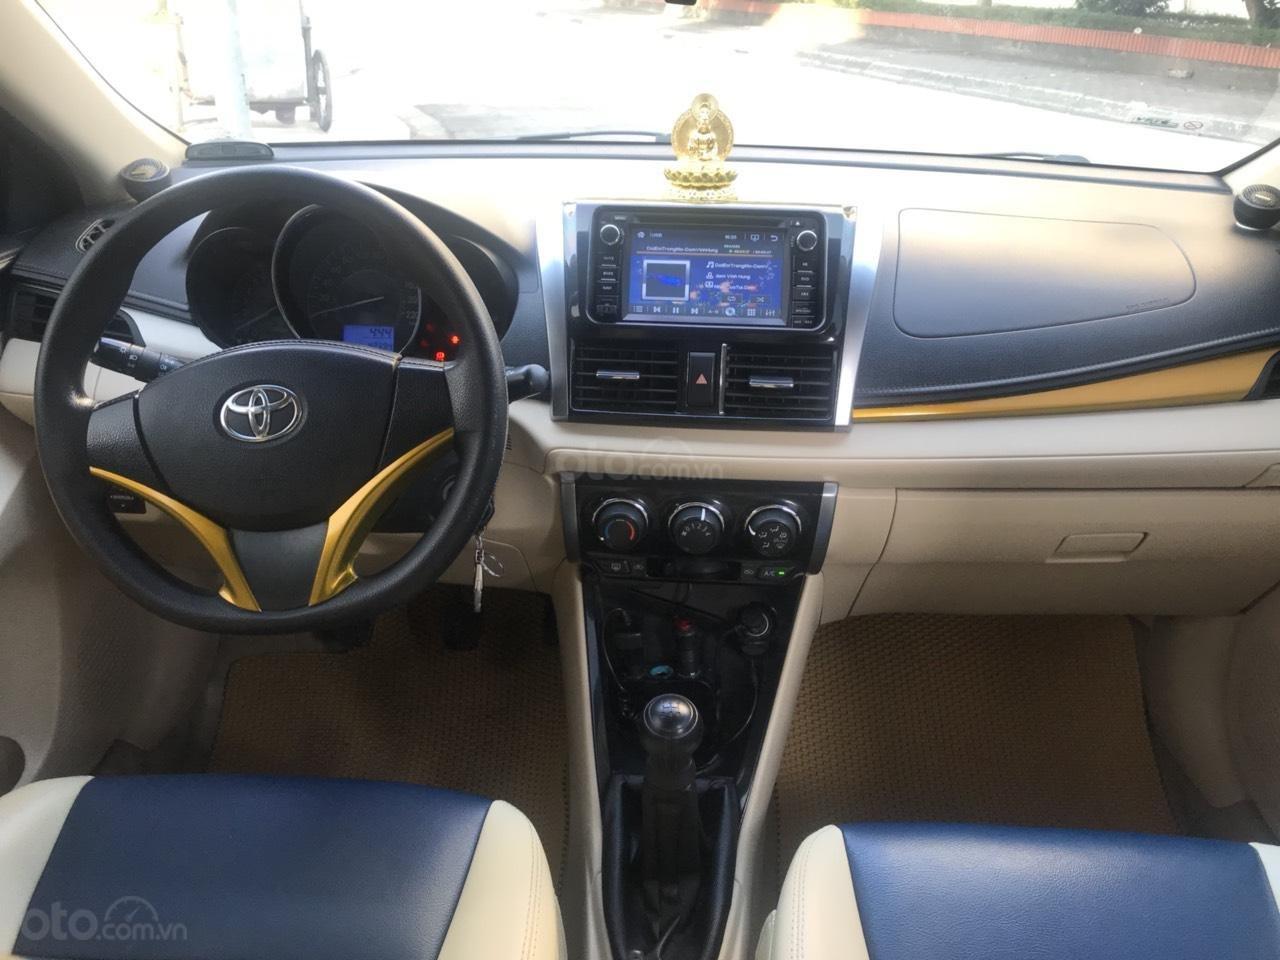 Cần bán xe Toyota Vios E đời 2016, màu vàng-5